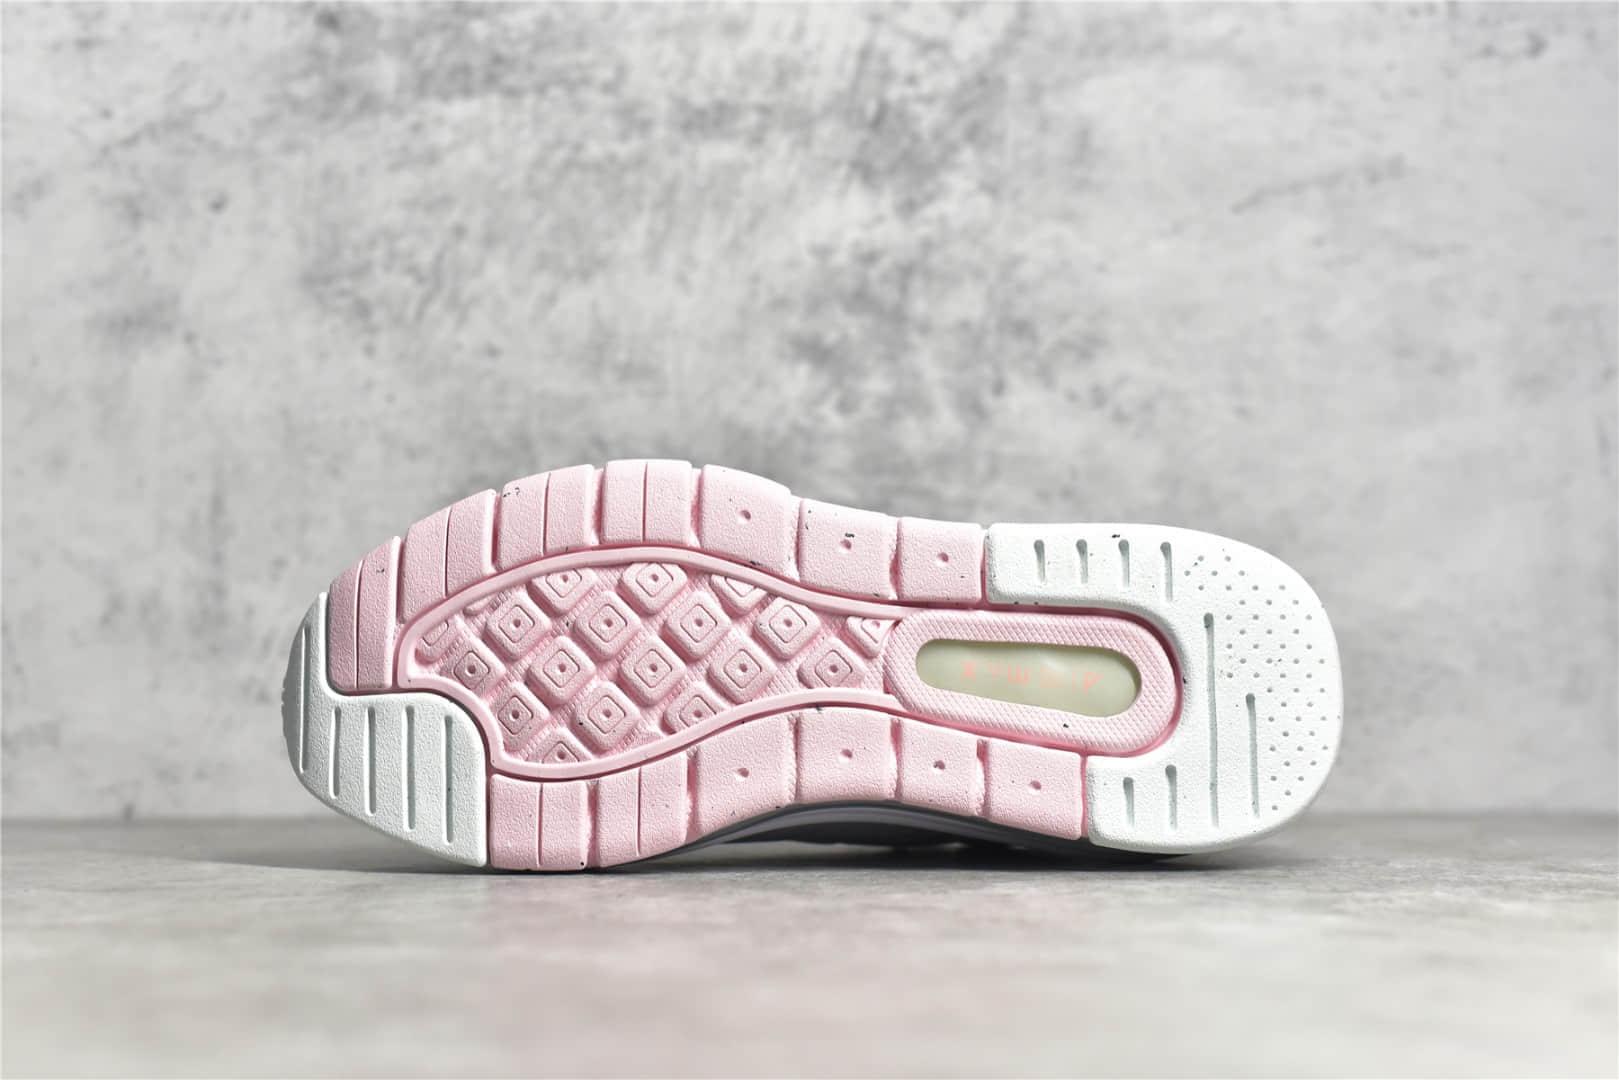 耐克MAX白粉色跑鞋 Nike Air Max Genome 耐克MAX白粉色跑鞋 莆田耐克跑鞋货源 货号:CW1648-004-潮流者之家